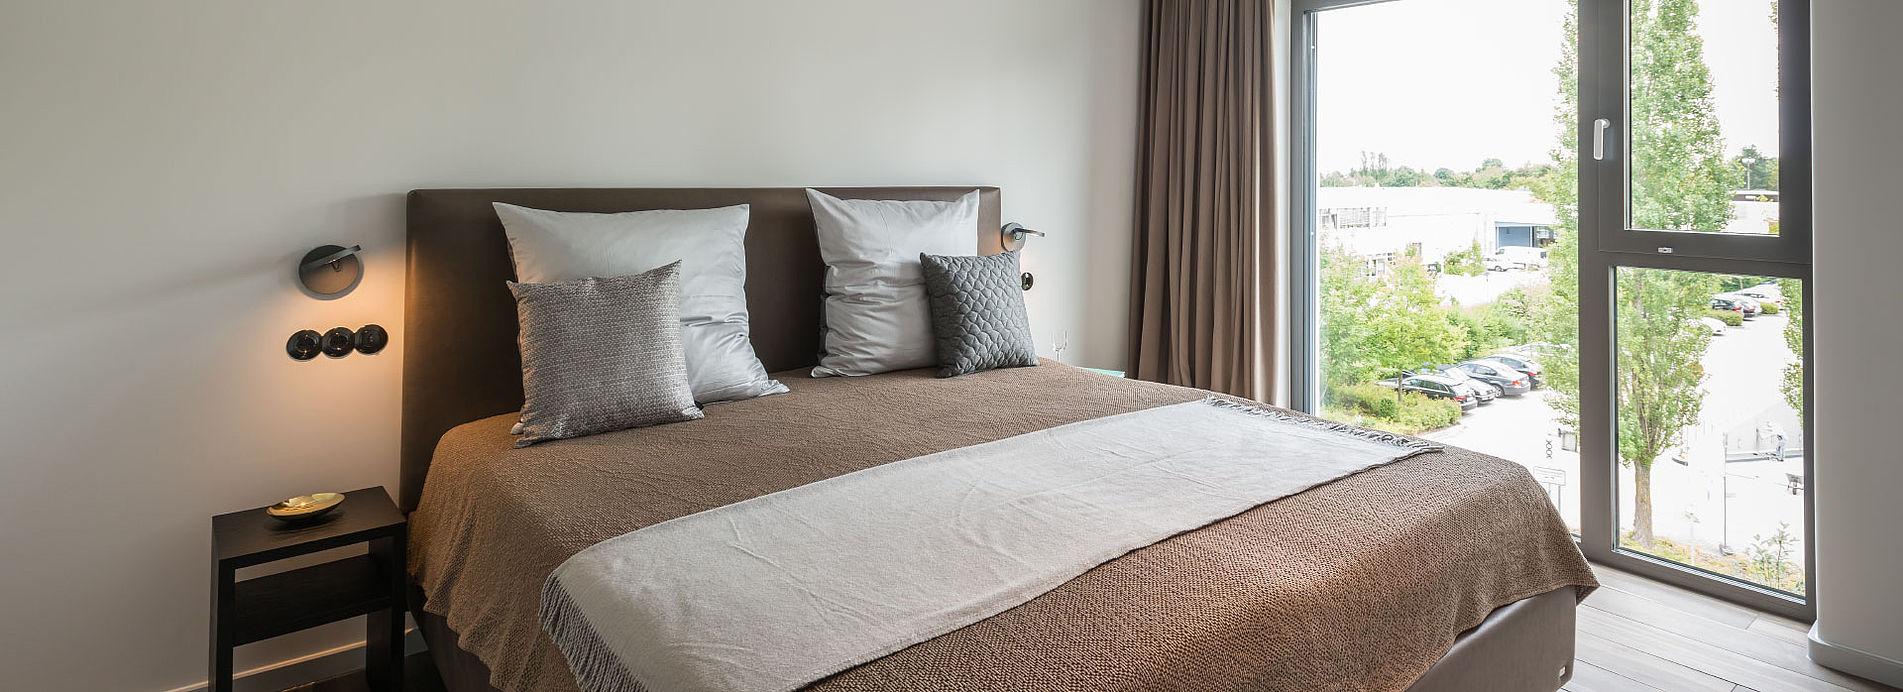 Schön Schlafzimmer Mit Ankleidezimmer Referenz Von Golden Ball - Suite Wohnzimmer Und Schlafzimmer,